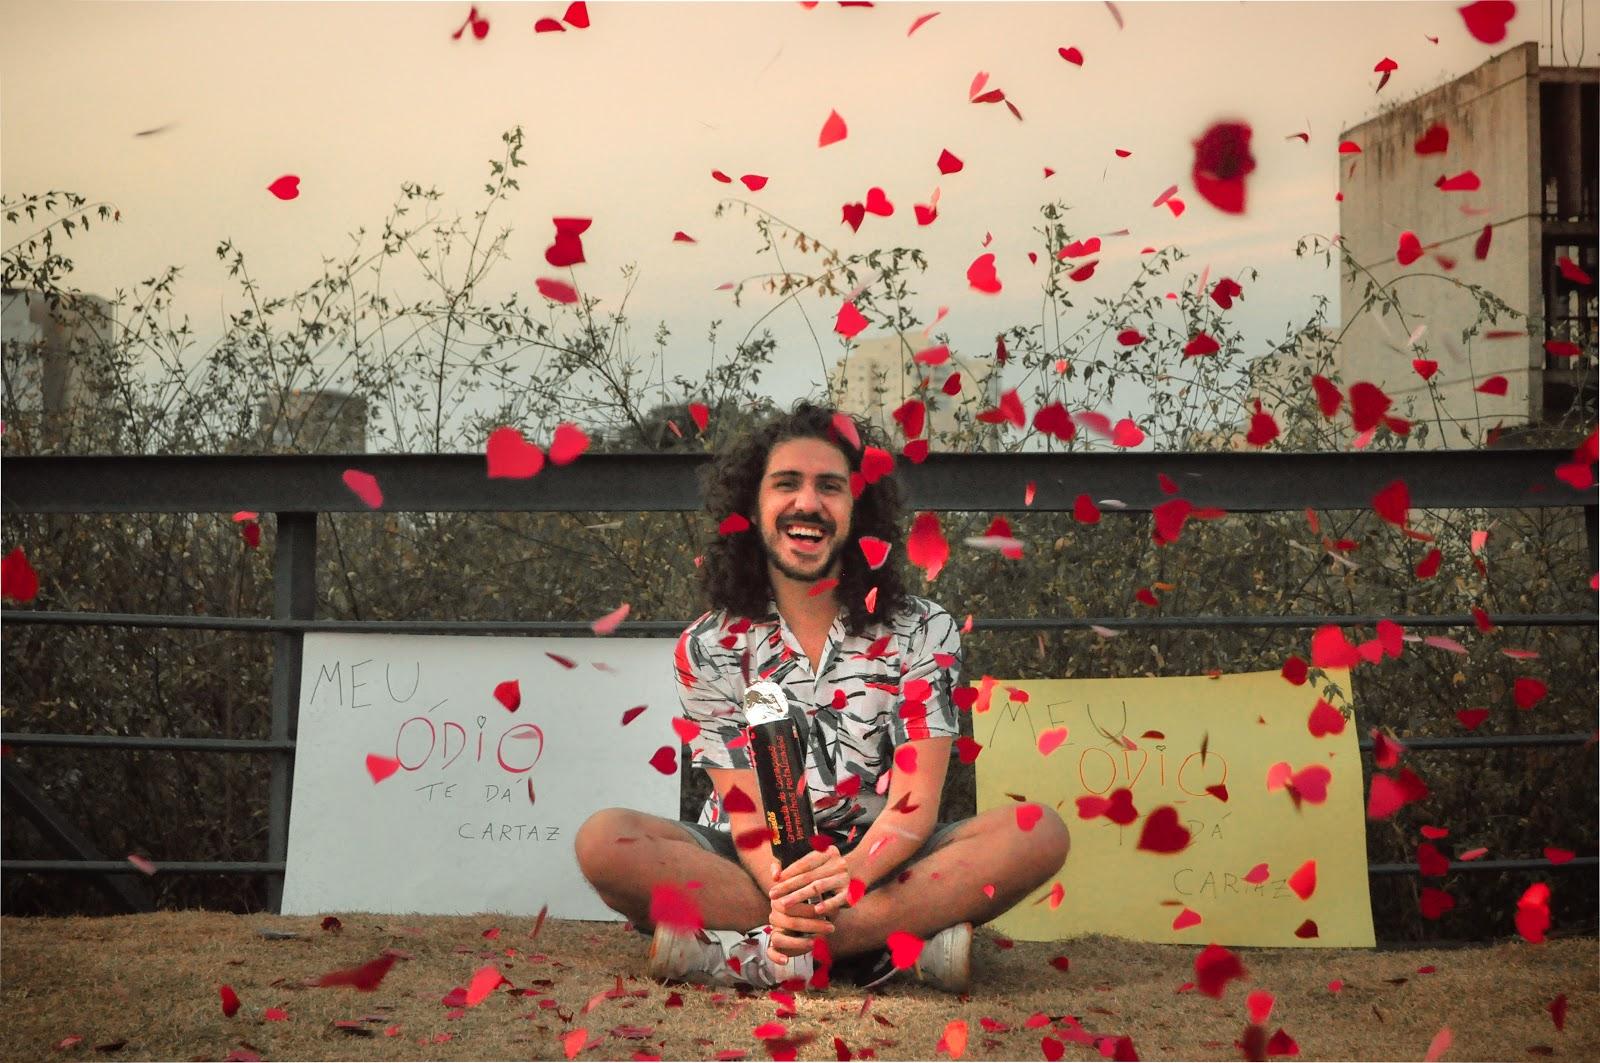 Meu Ódio te Dá Cartaz: Novo single de Cauê